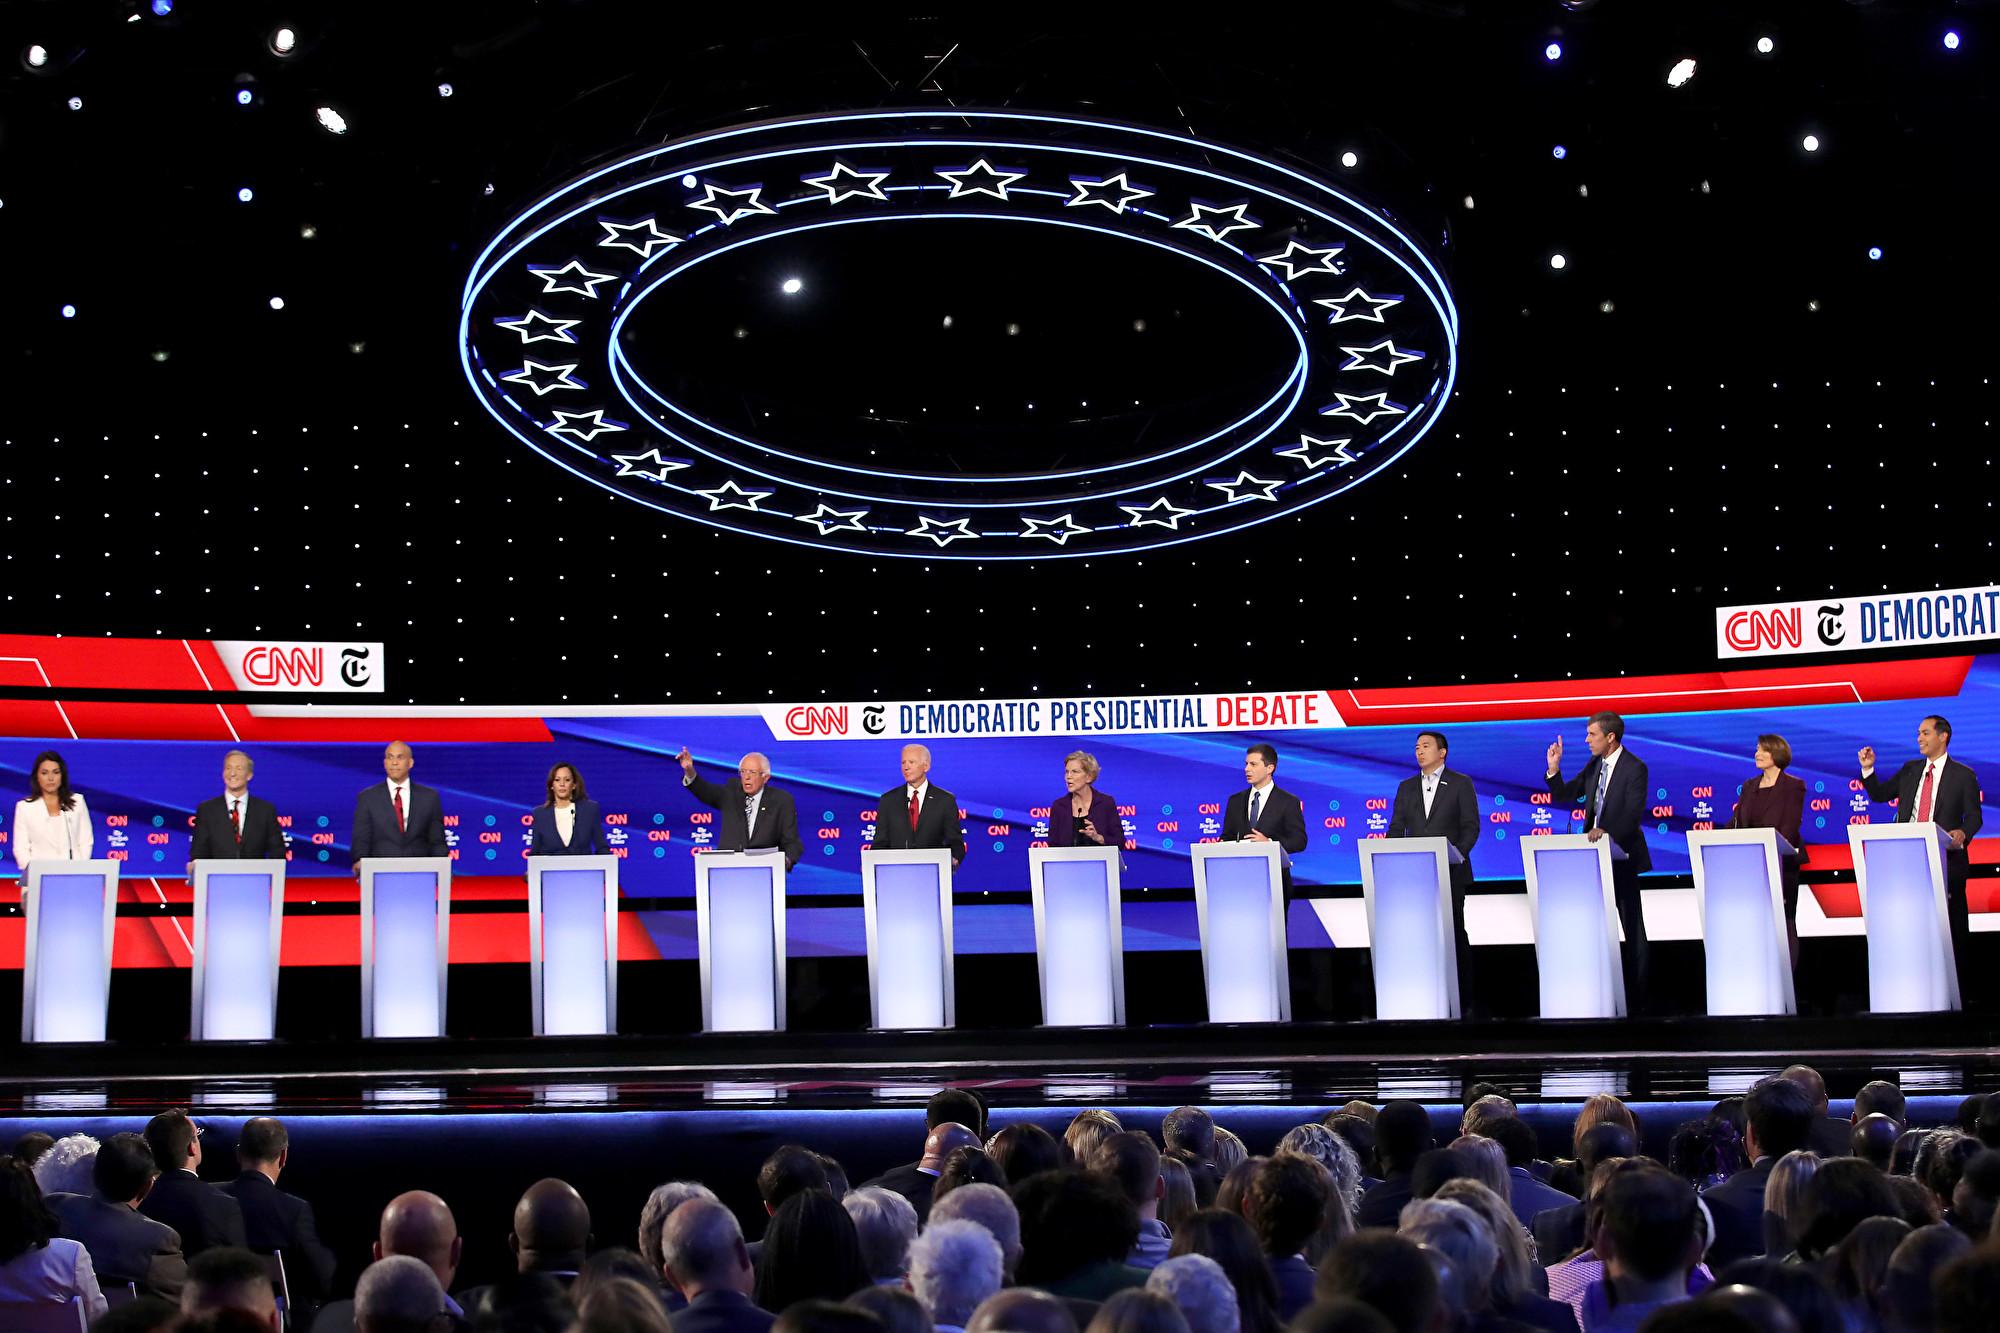 美民主黨初選辯論 主辦方忽略中國議題被批